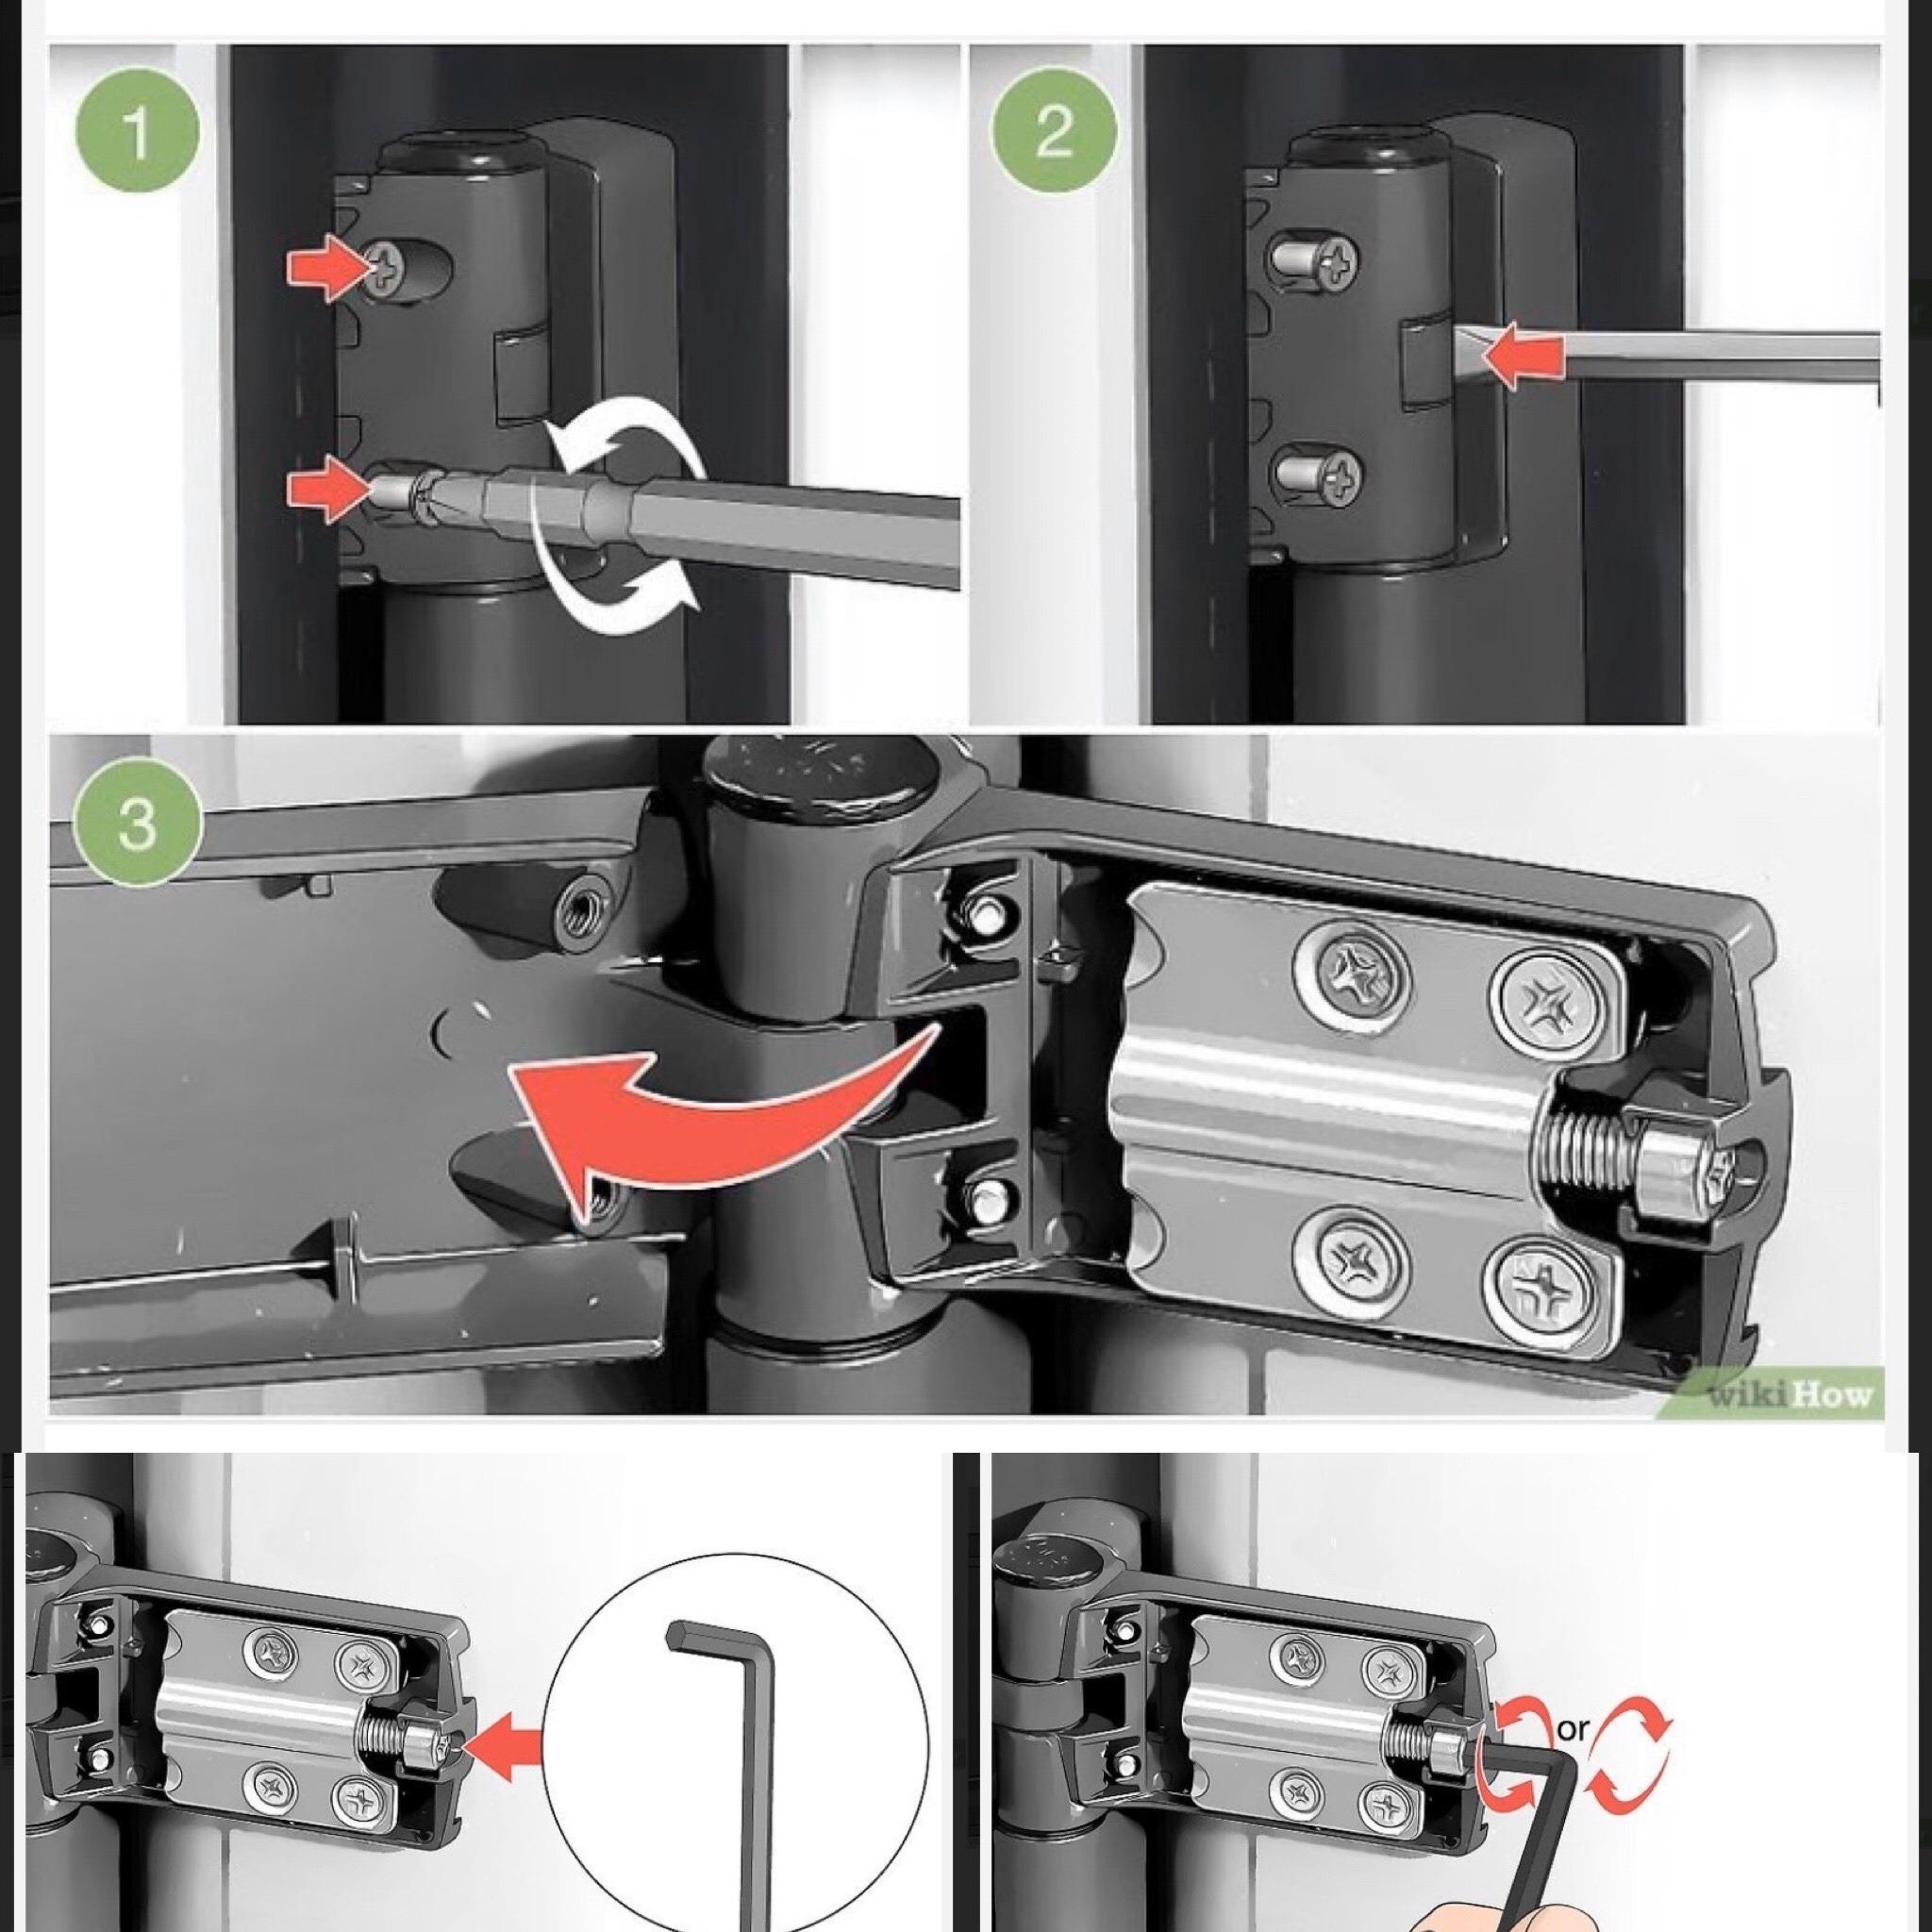 How to adjust a Upvc hinge - Upvc door alignment